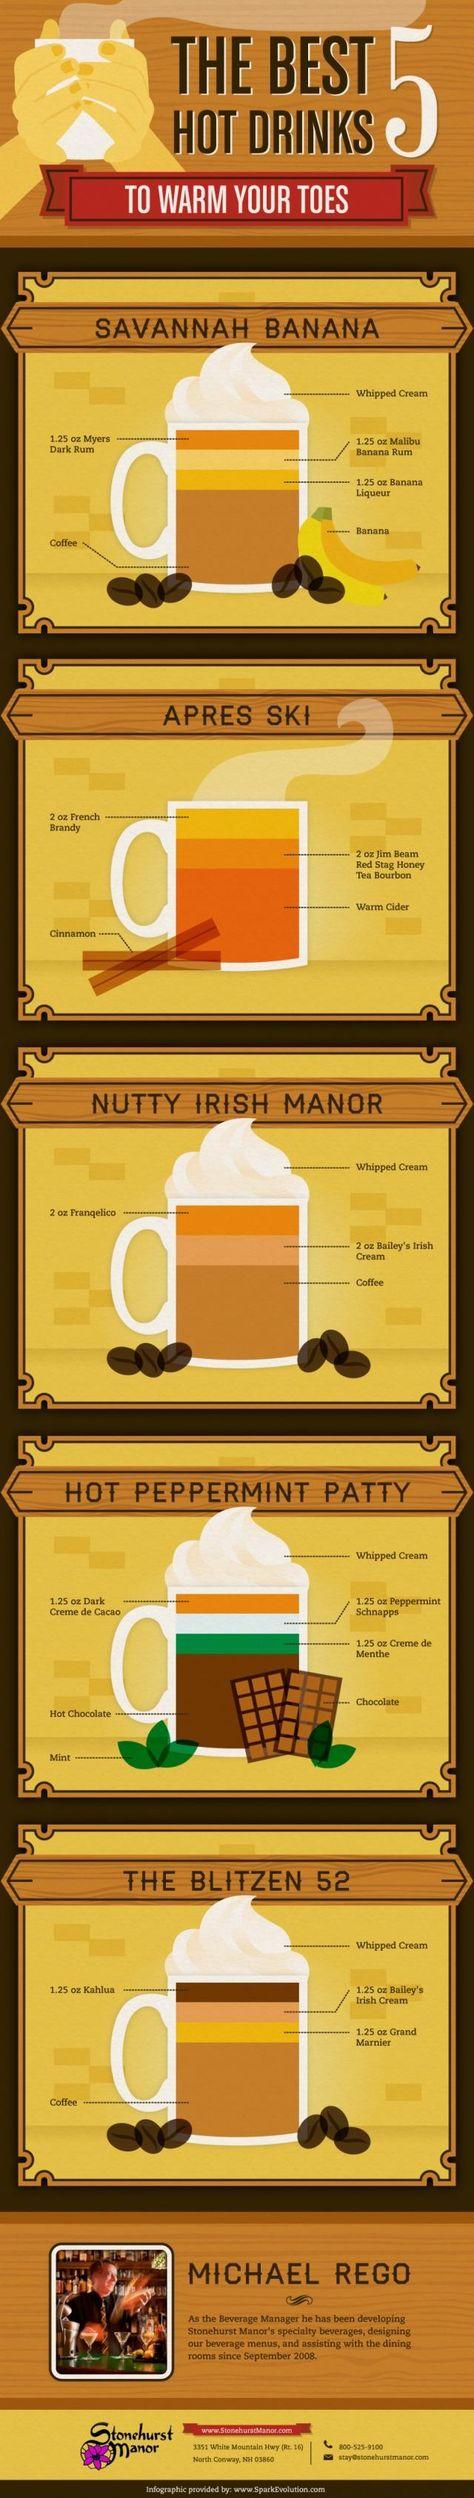 Top Five Hot Drinks